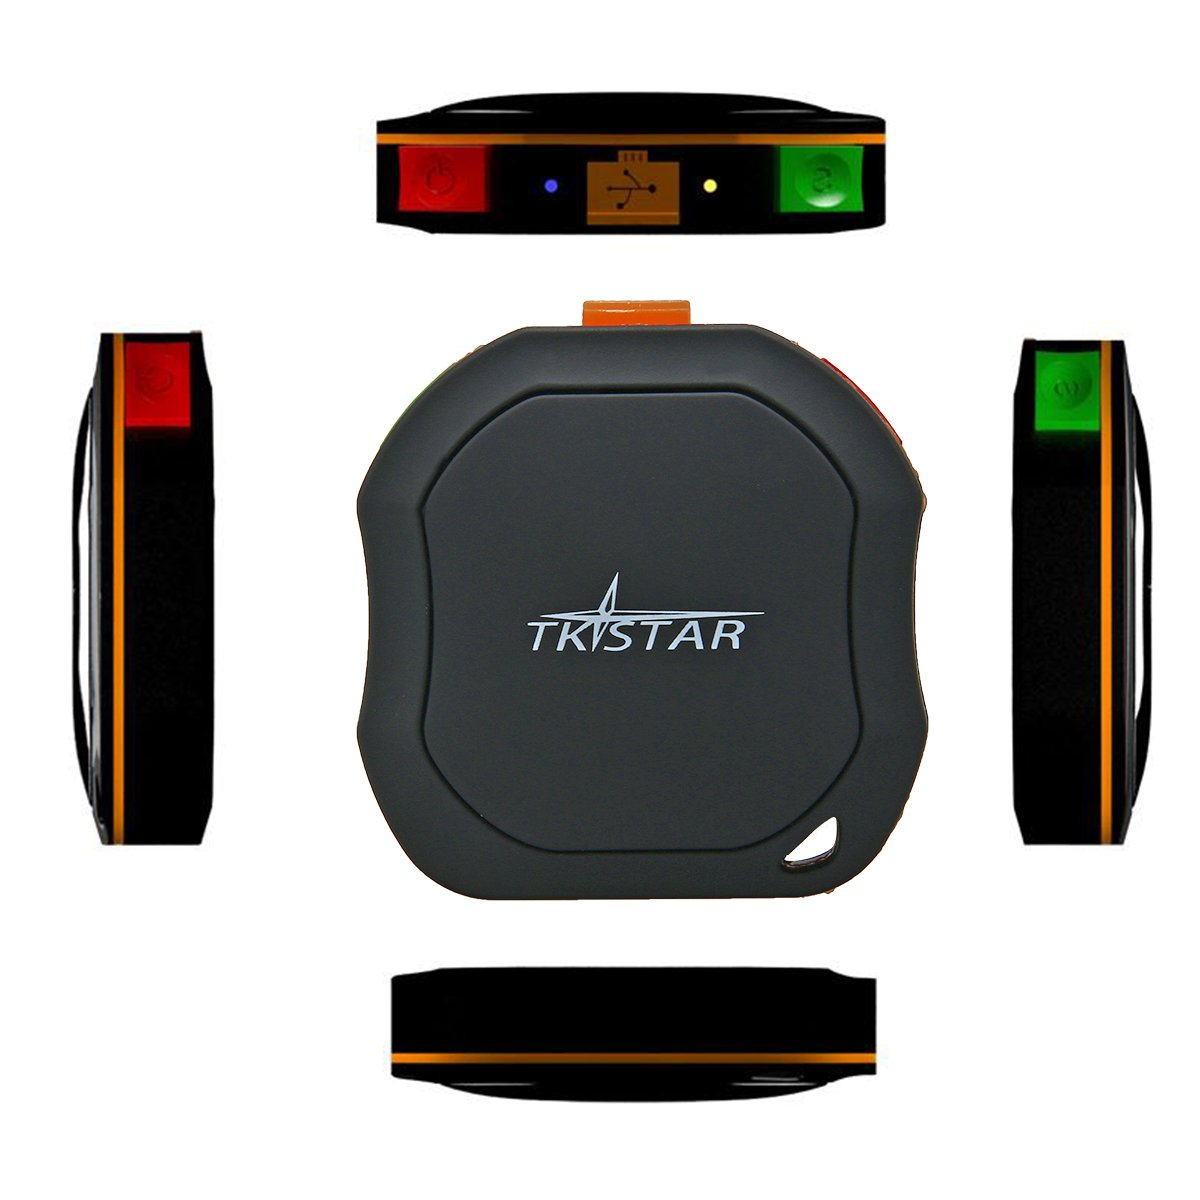 TKSTAR GPS Tracker GSM / GPS Portable Etanche IPX-6 pour voiture avec Geo-barrière / alrme d'excès de vitesse / Fonction deux appels/ Fonction SOS pour voitures / Sports d'extérieur / enfants, les personnes âgé